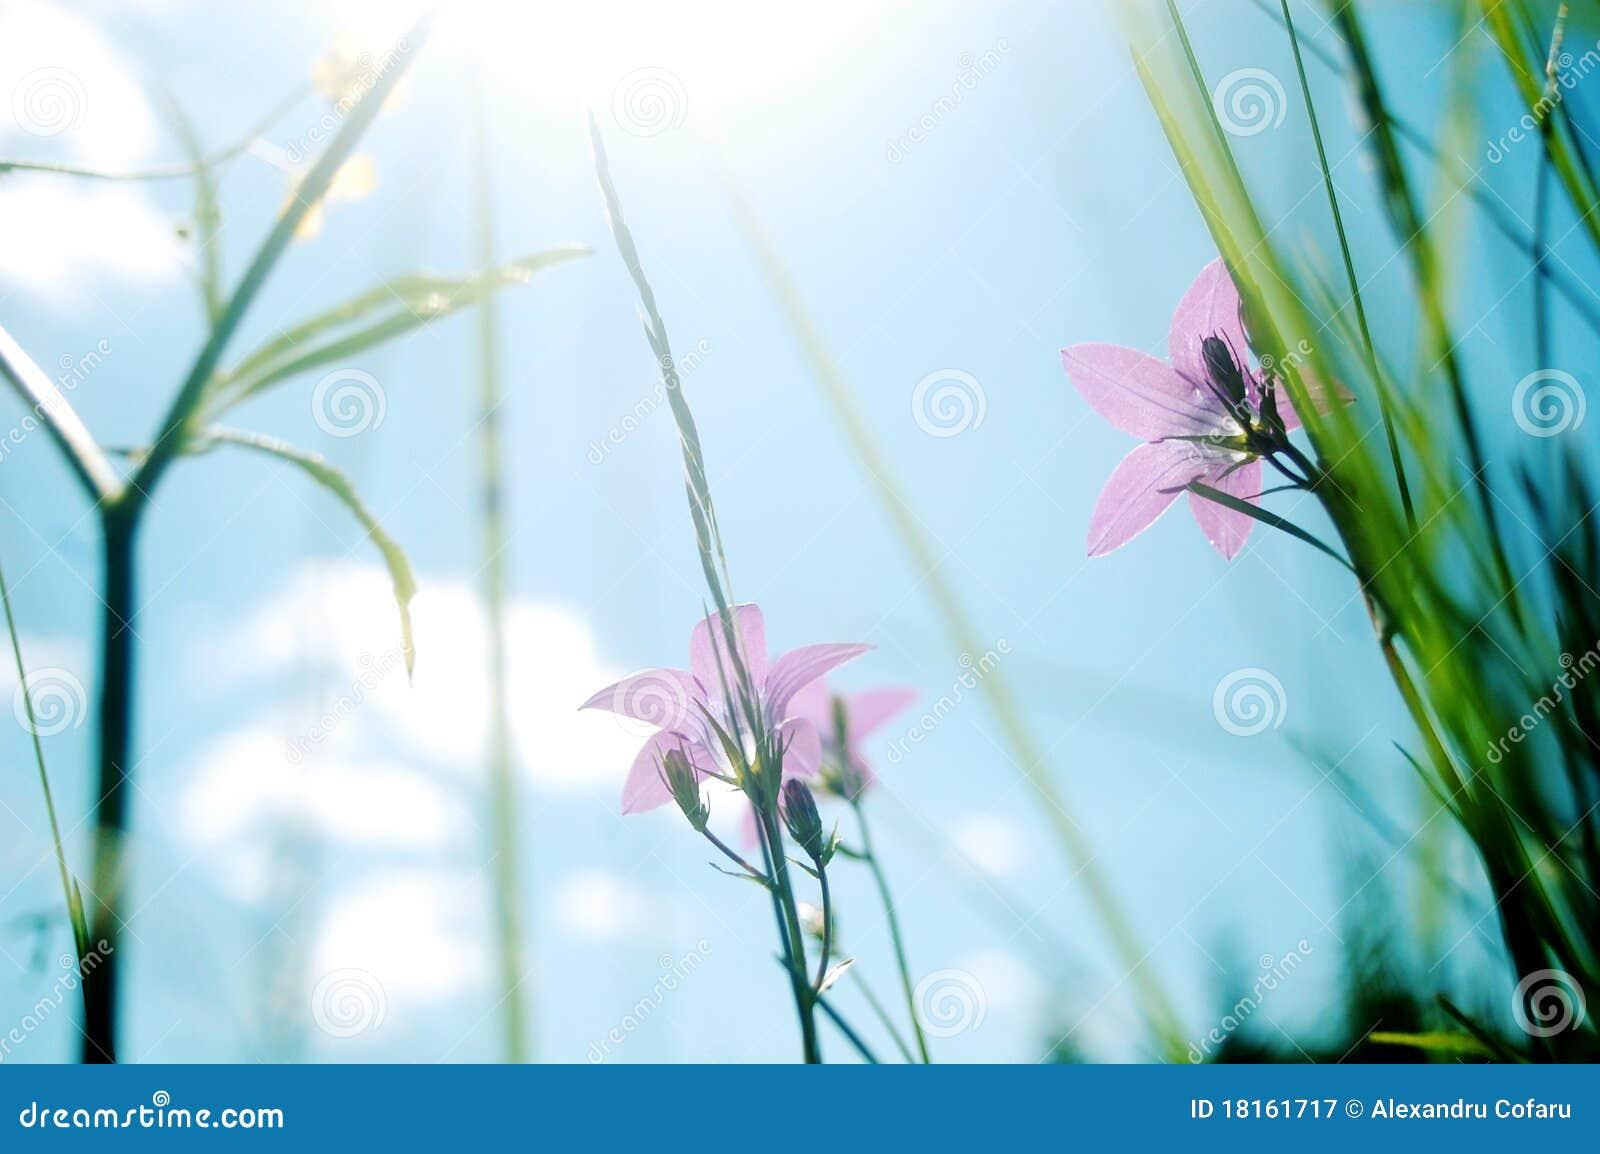 风铃草草甸